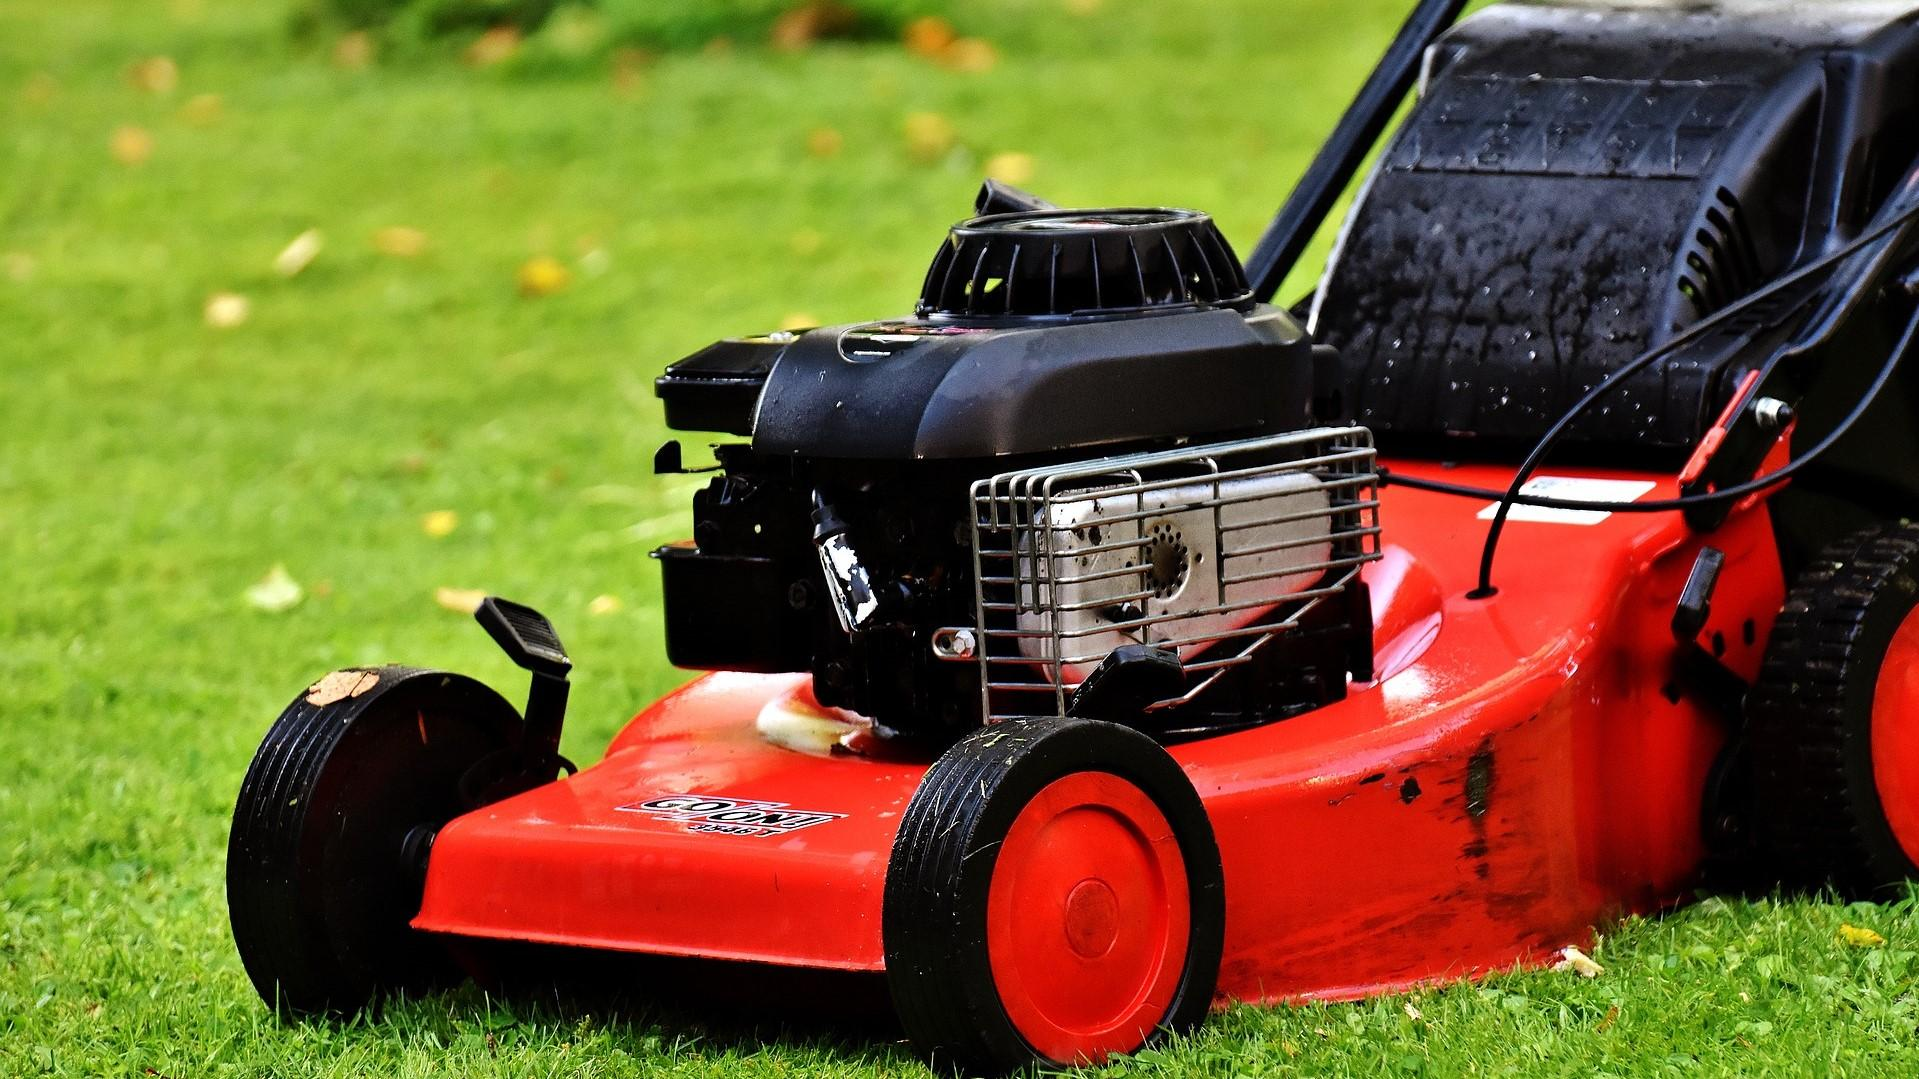 Wenn Ihr Rasenmäher nicht mehr richtig funktioniert, kann es helfen, den Vergaser neu einzustellen